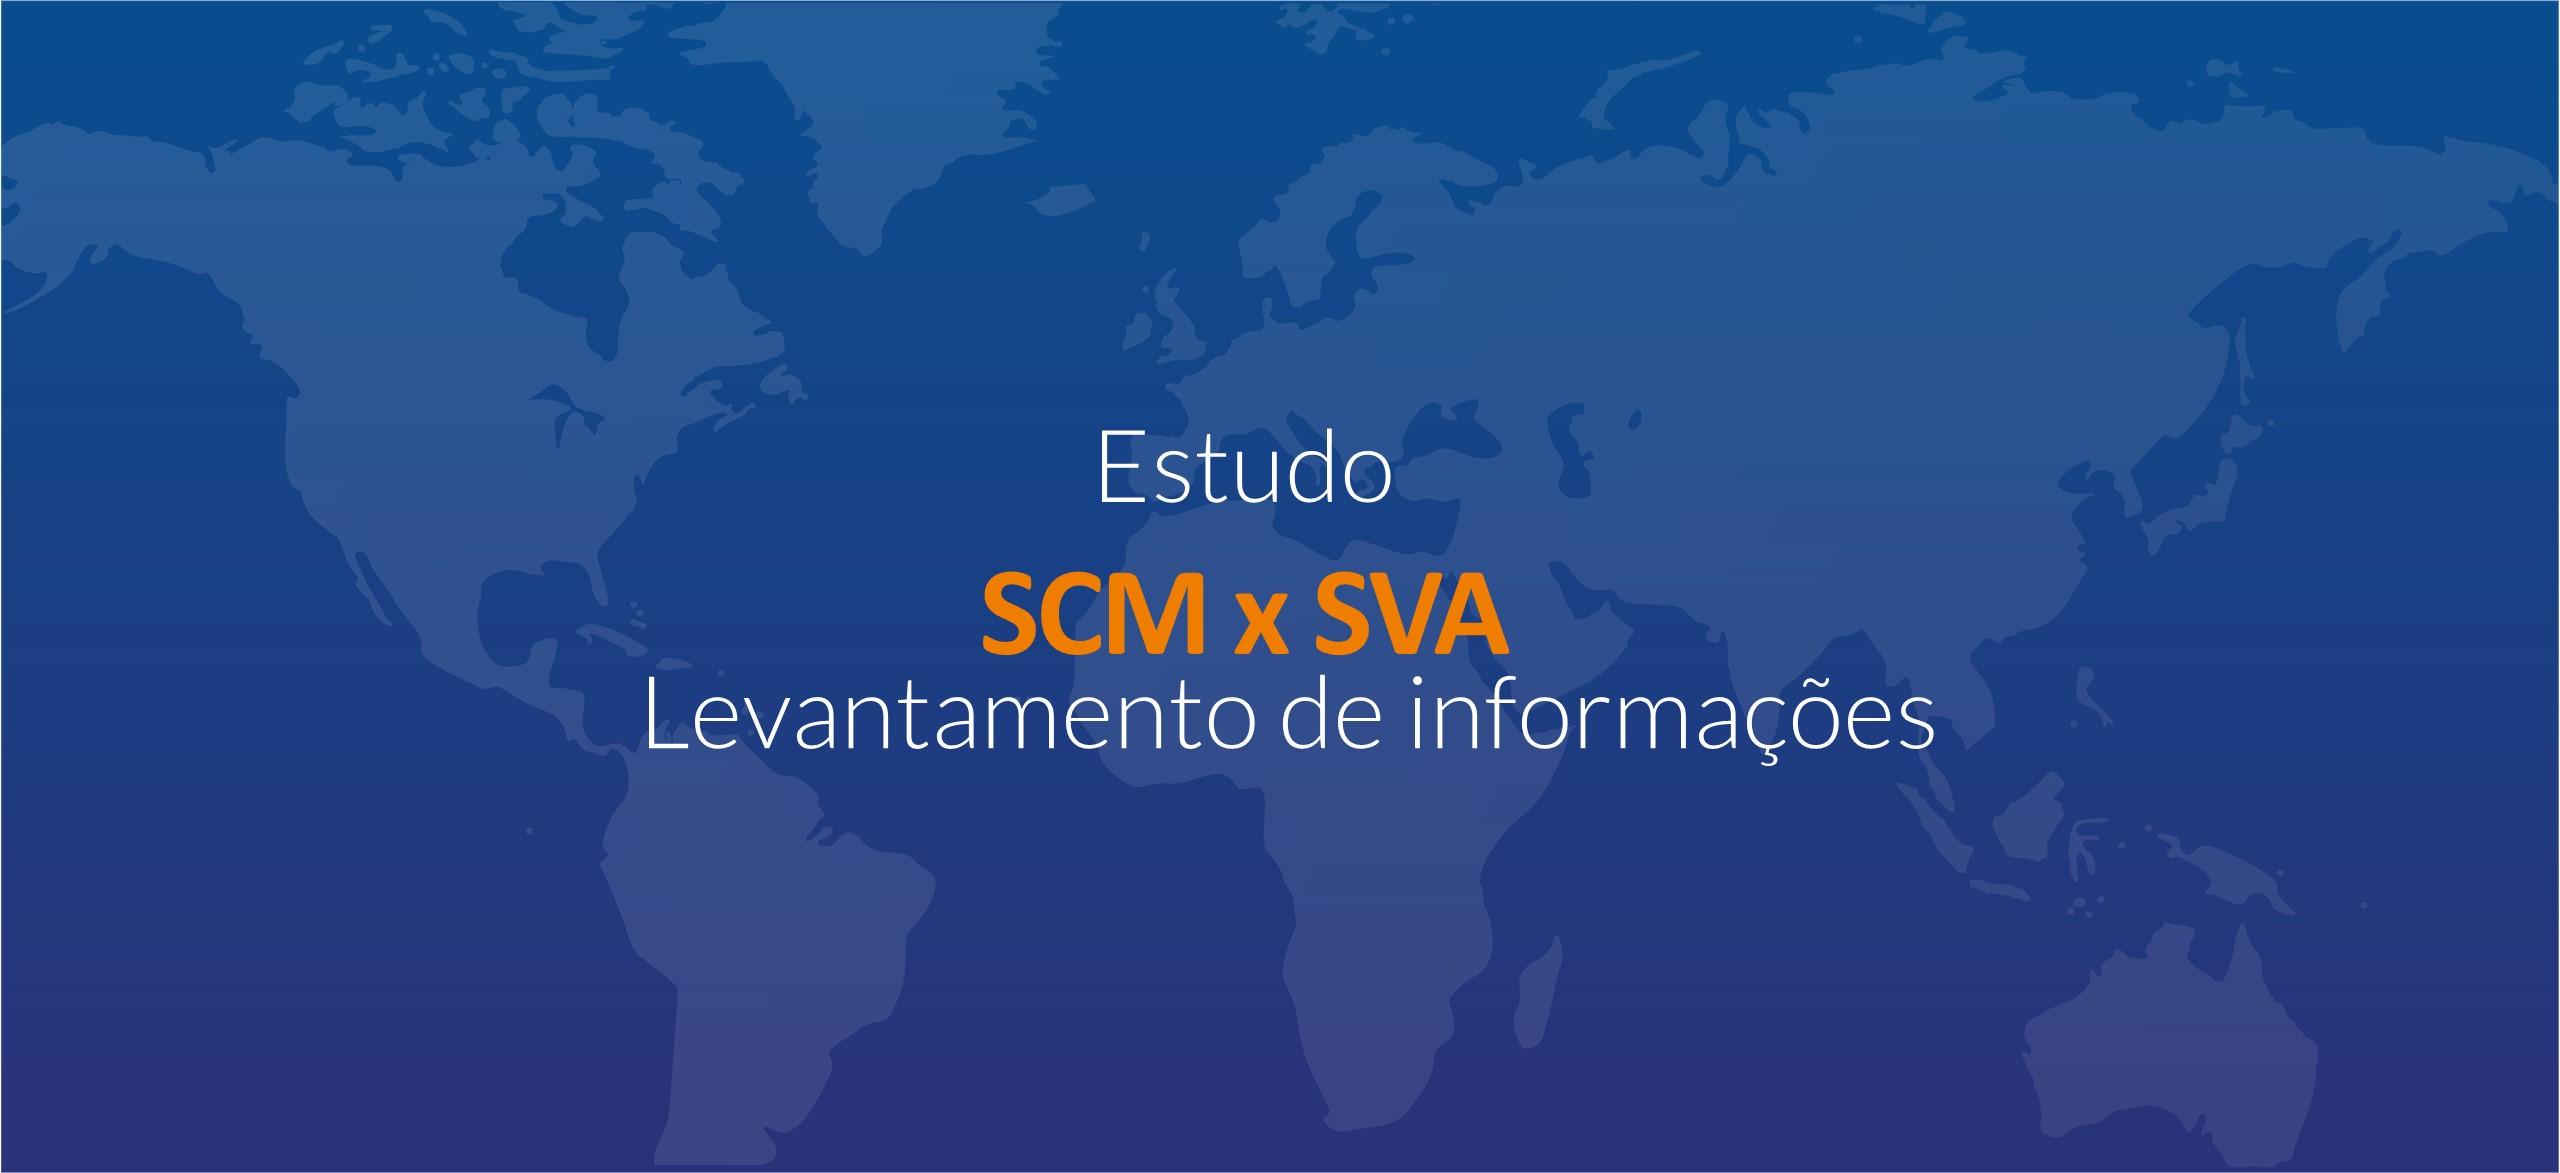 Estudo SCM x SVA: Levantamento de informações